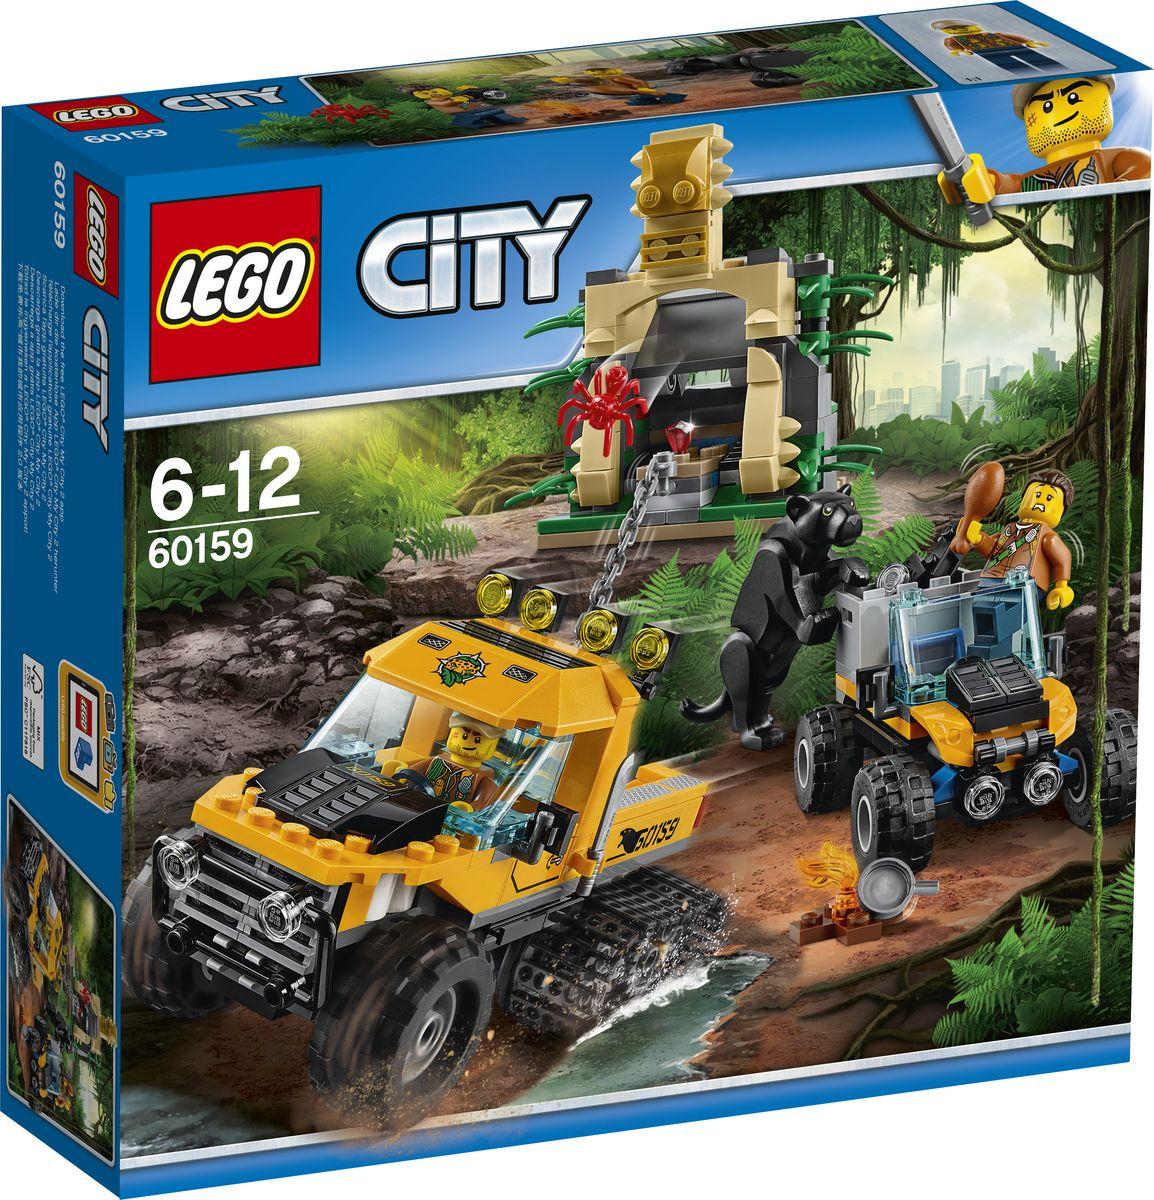 LEGO City Jungle Explorer Конструктор Миссия Исследование джунглей 60159 конструкторы lego lego city jungle explorer база исследователей джунглей 60161